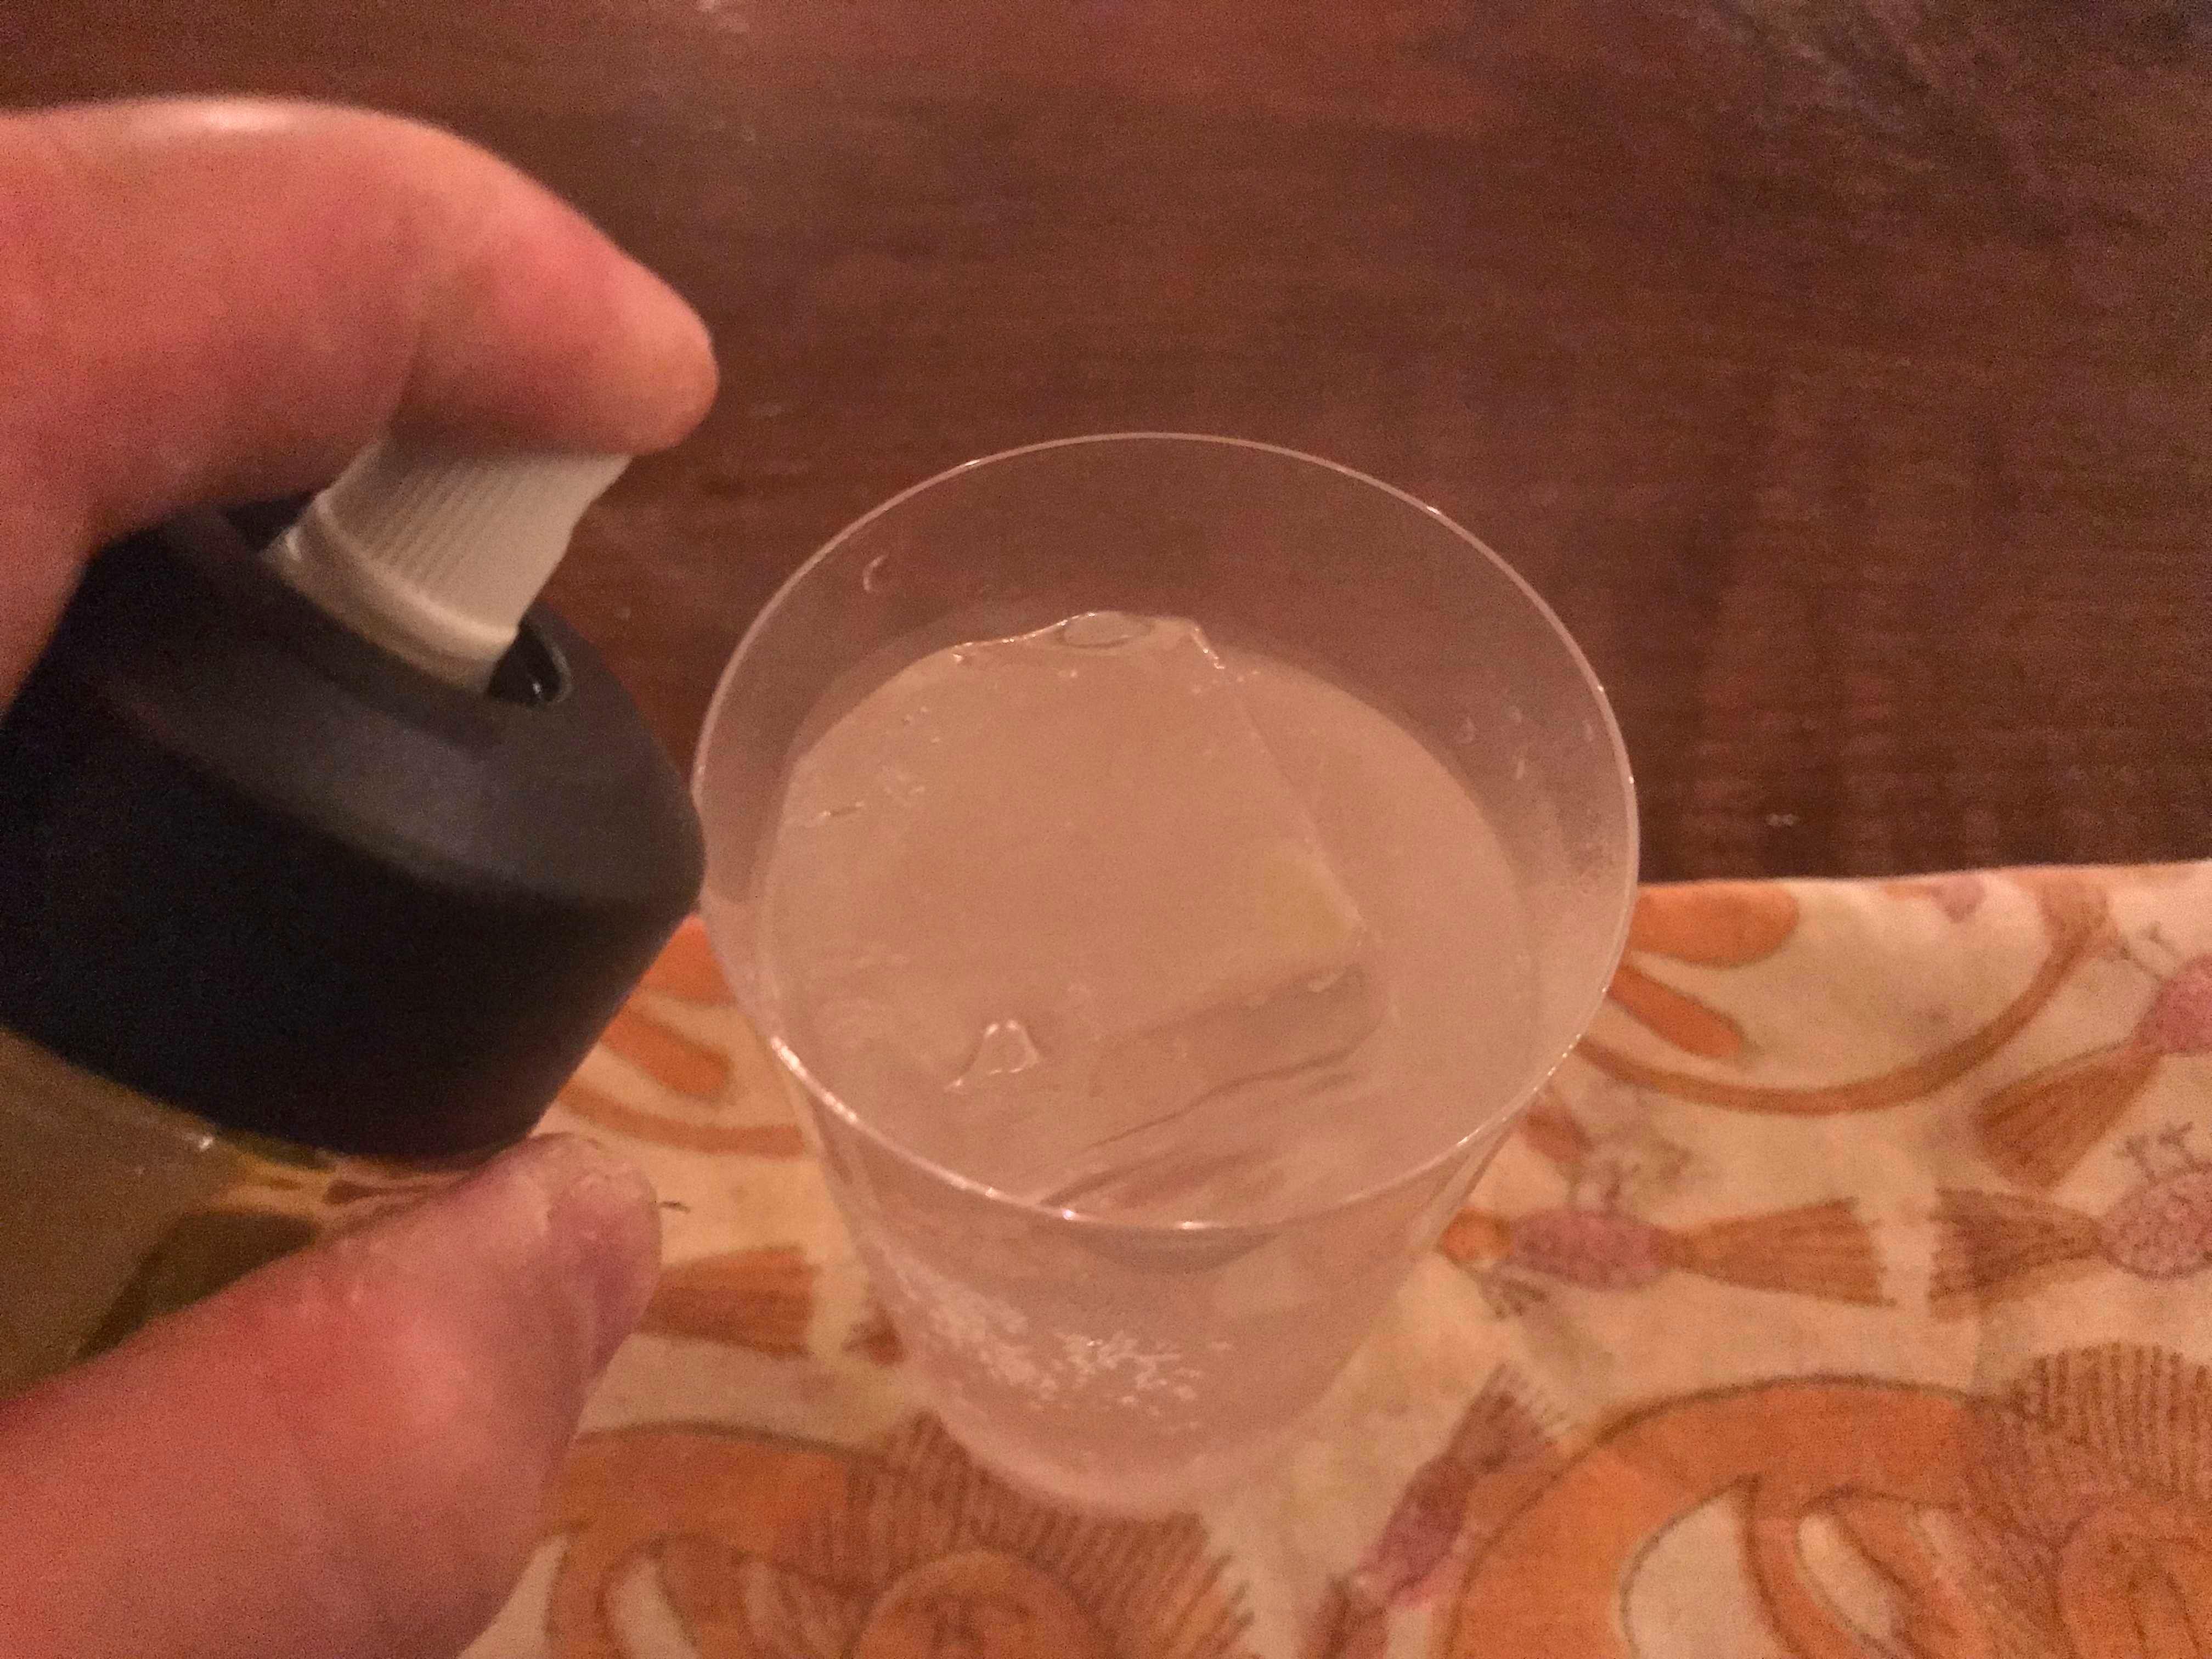 ジントニックにアトマイザーでオリーブオイルを吹きかける